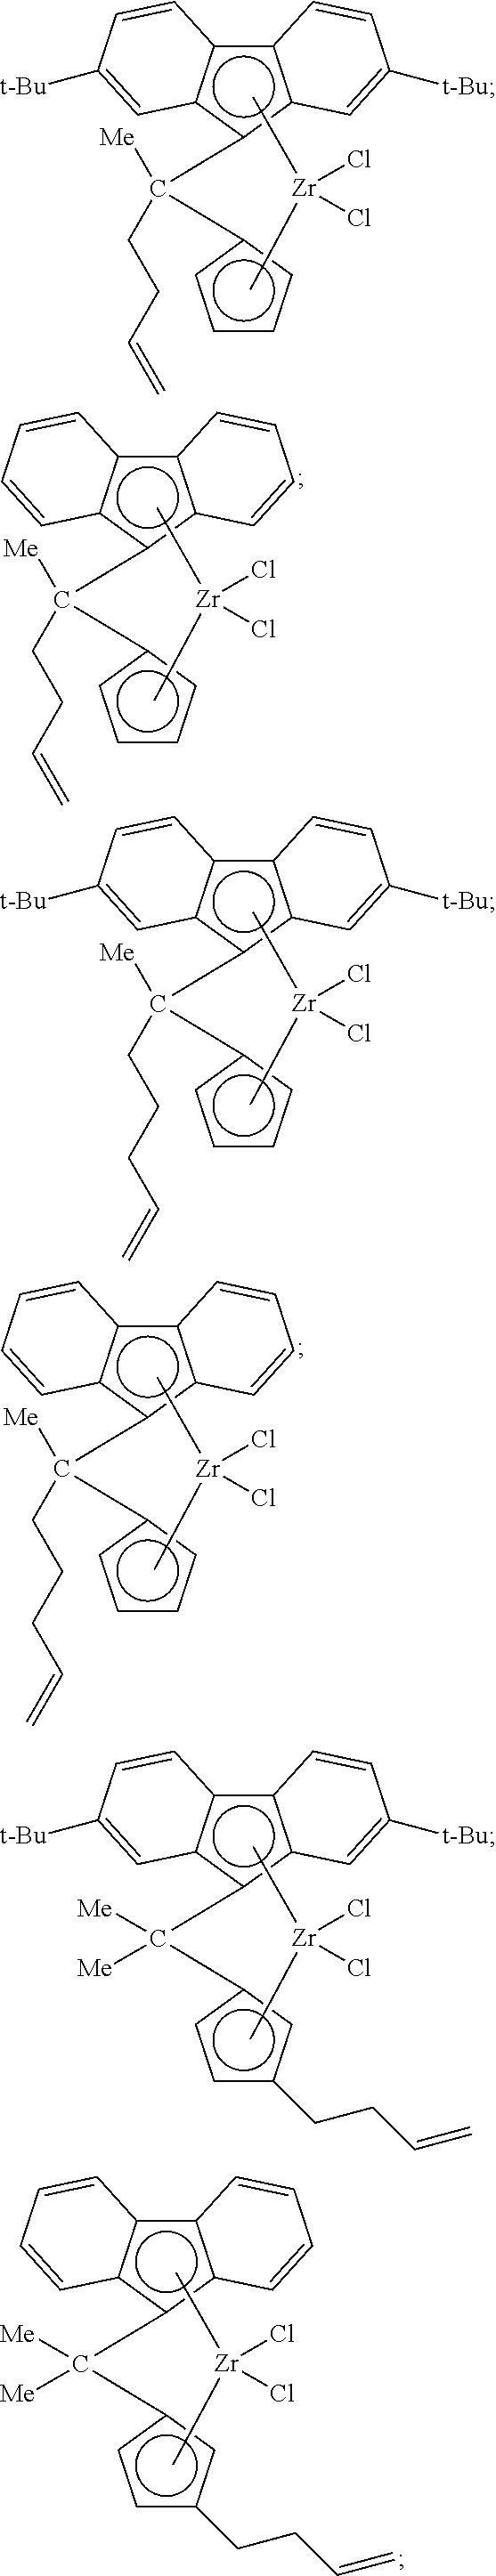 Figure US08288487-20121016-C00025